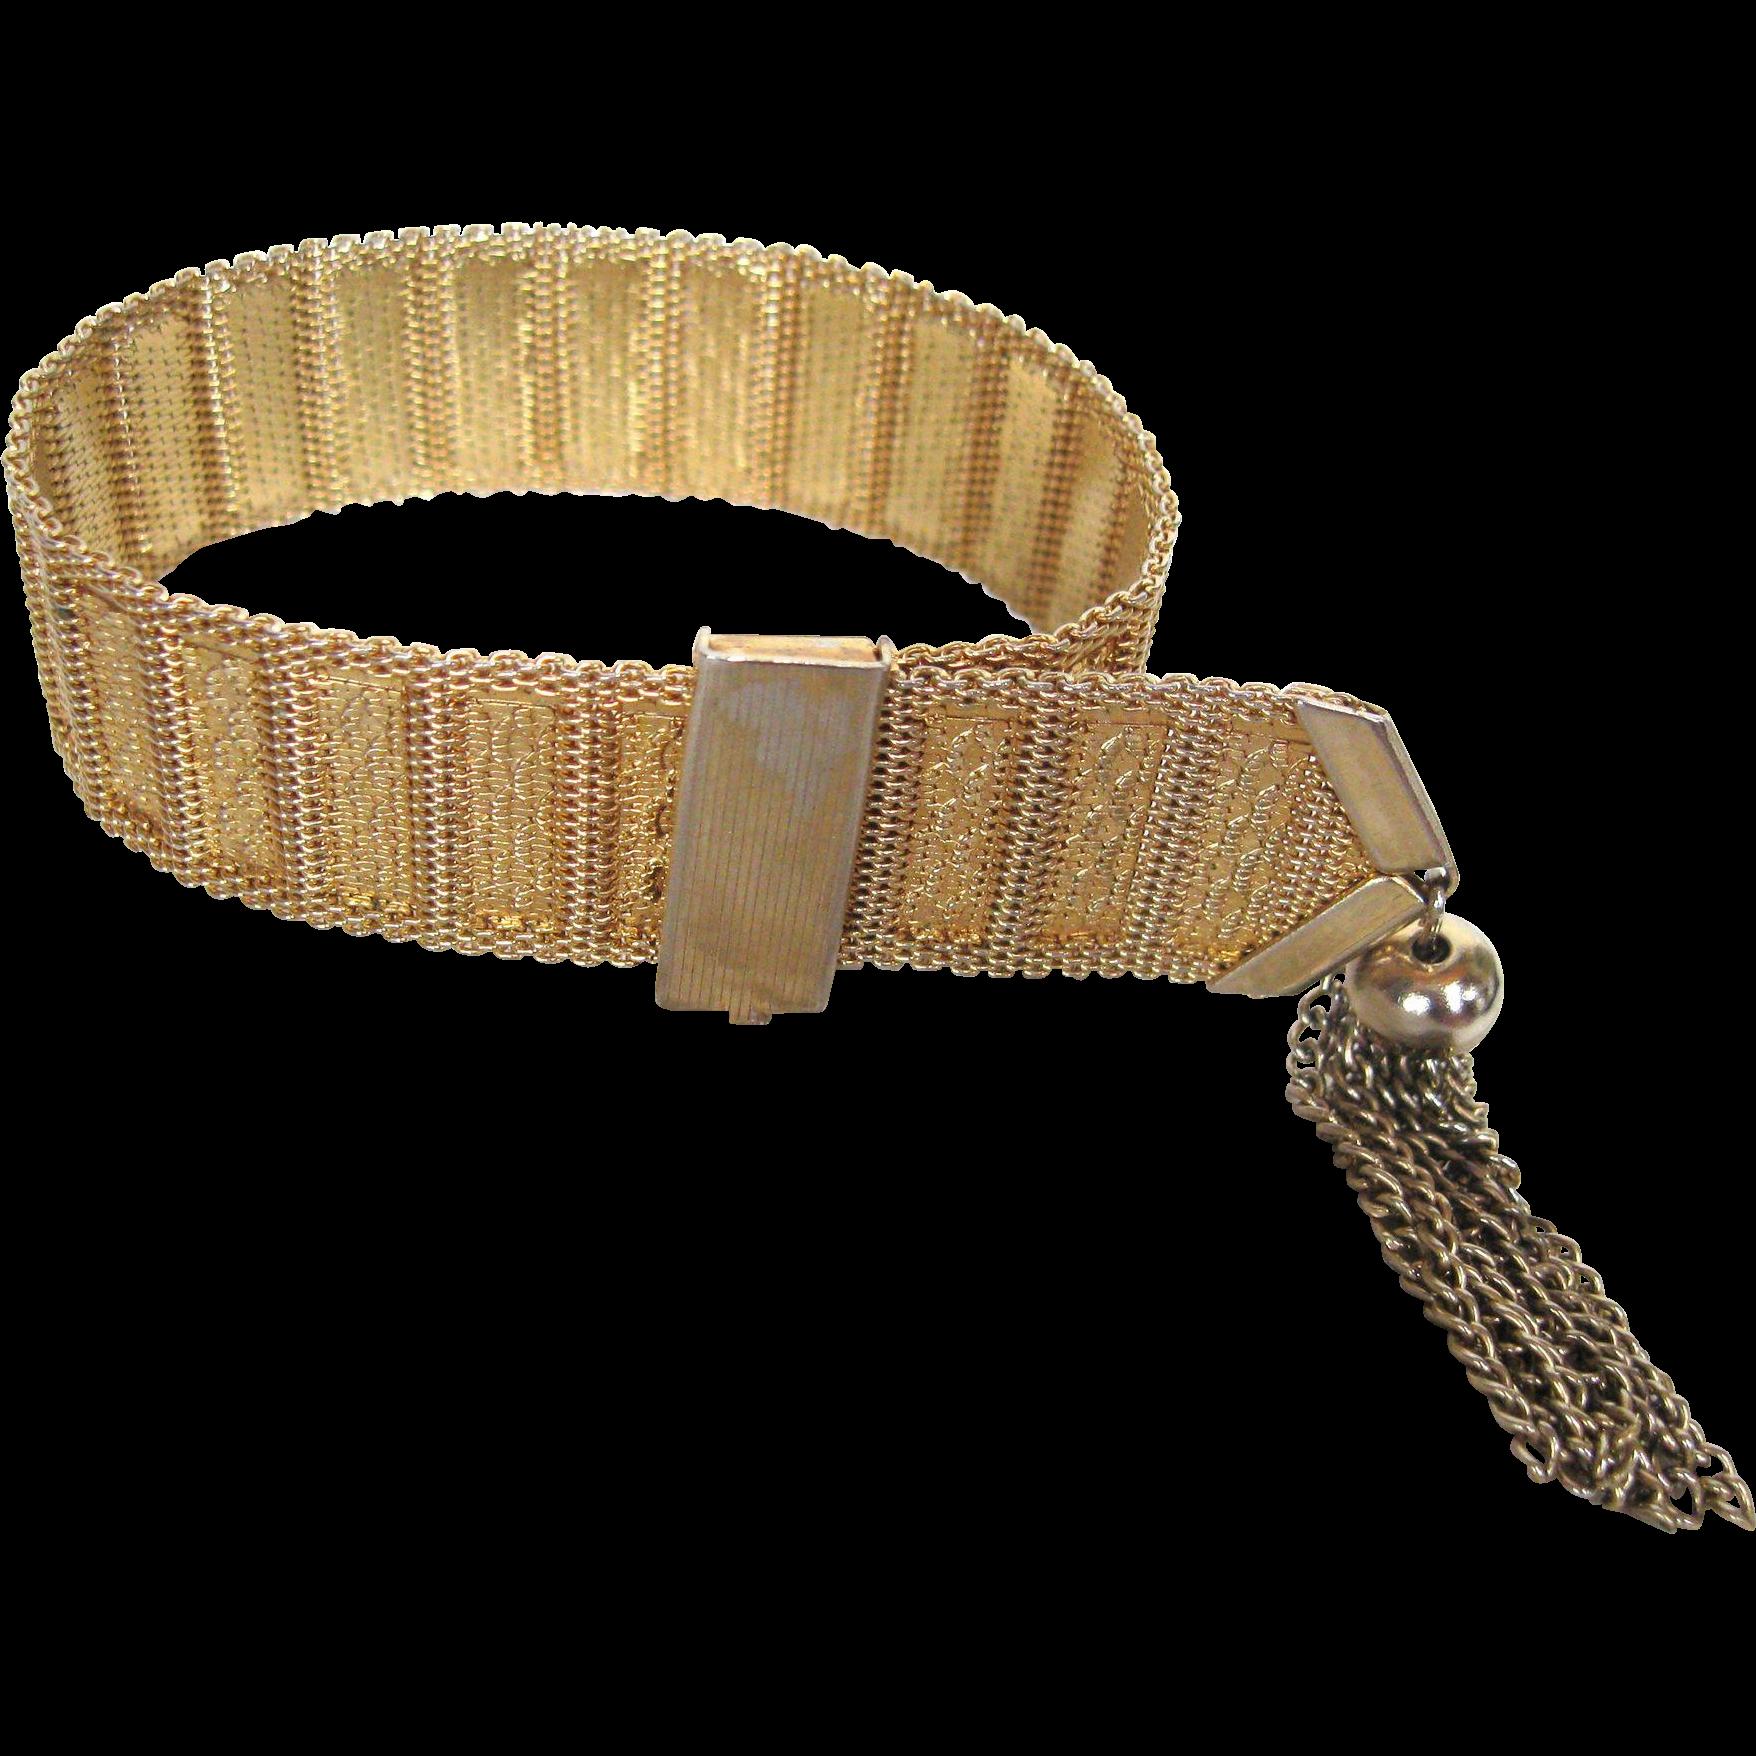 Vintage Gold Mesh Bracelet with Tassel Fringe Clamp